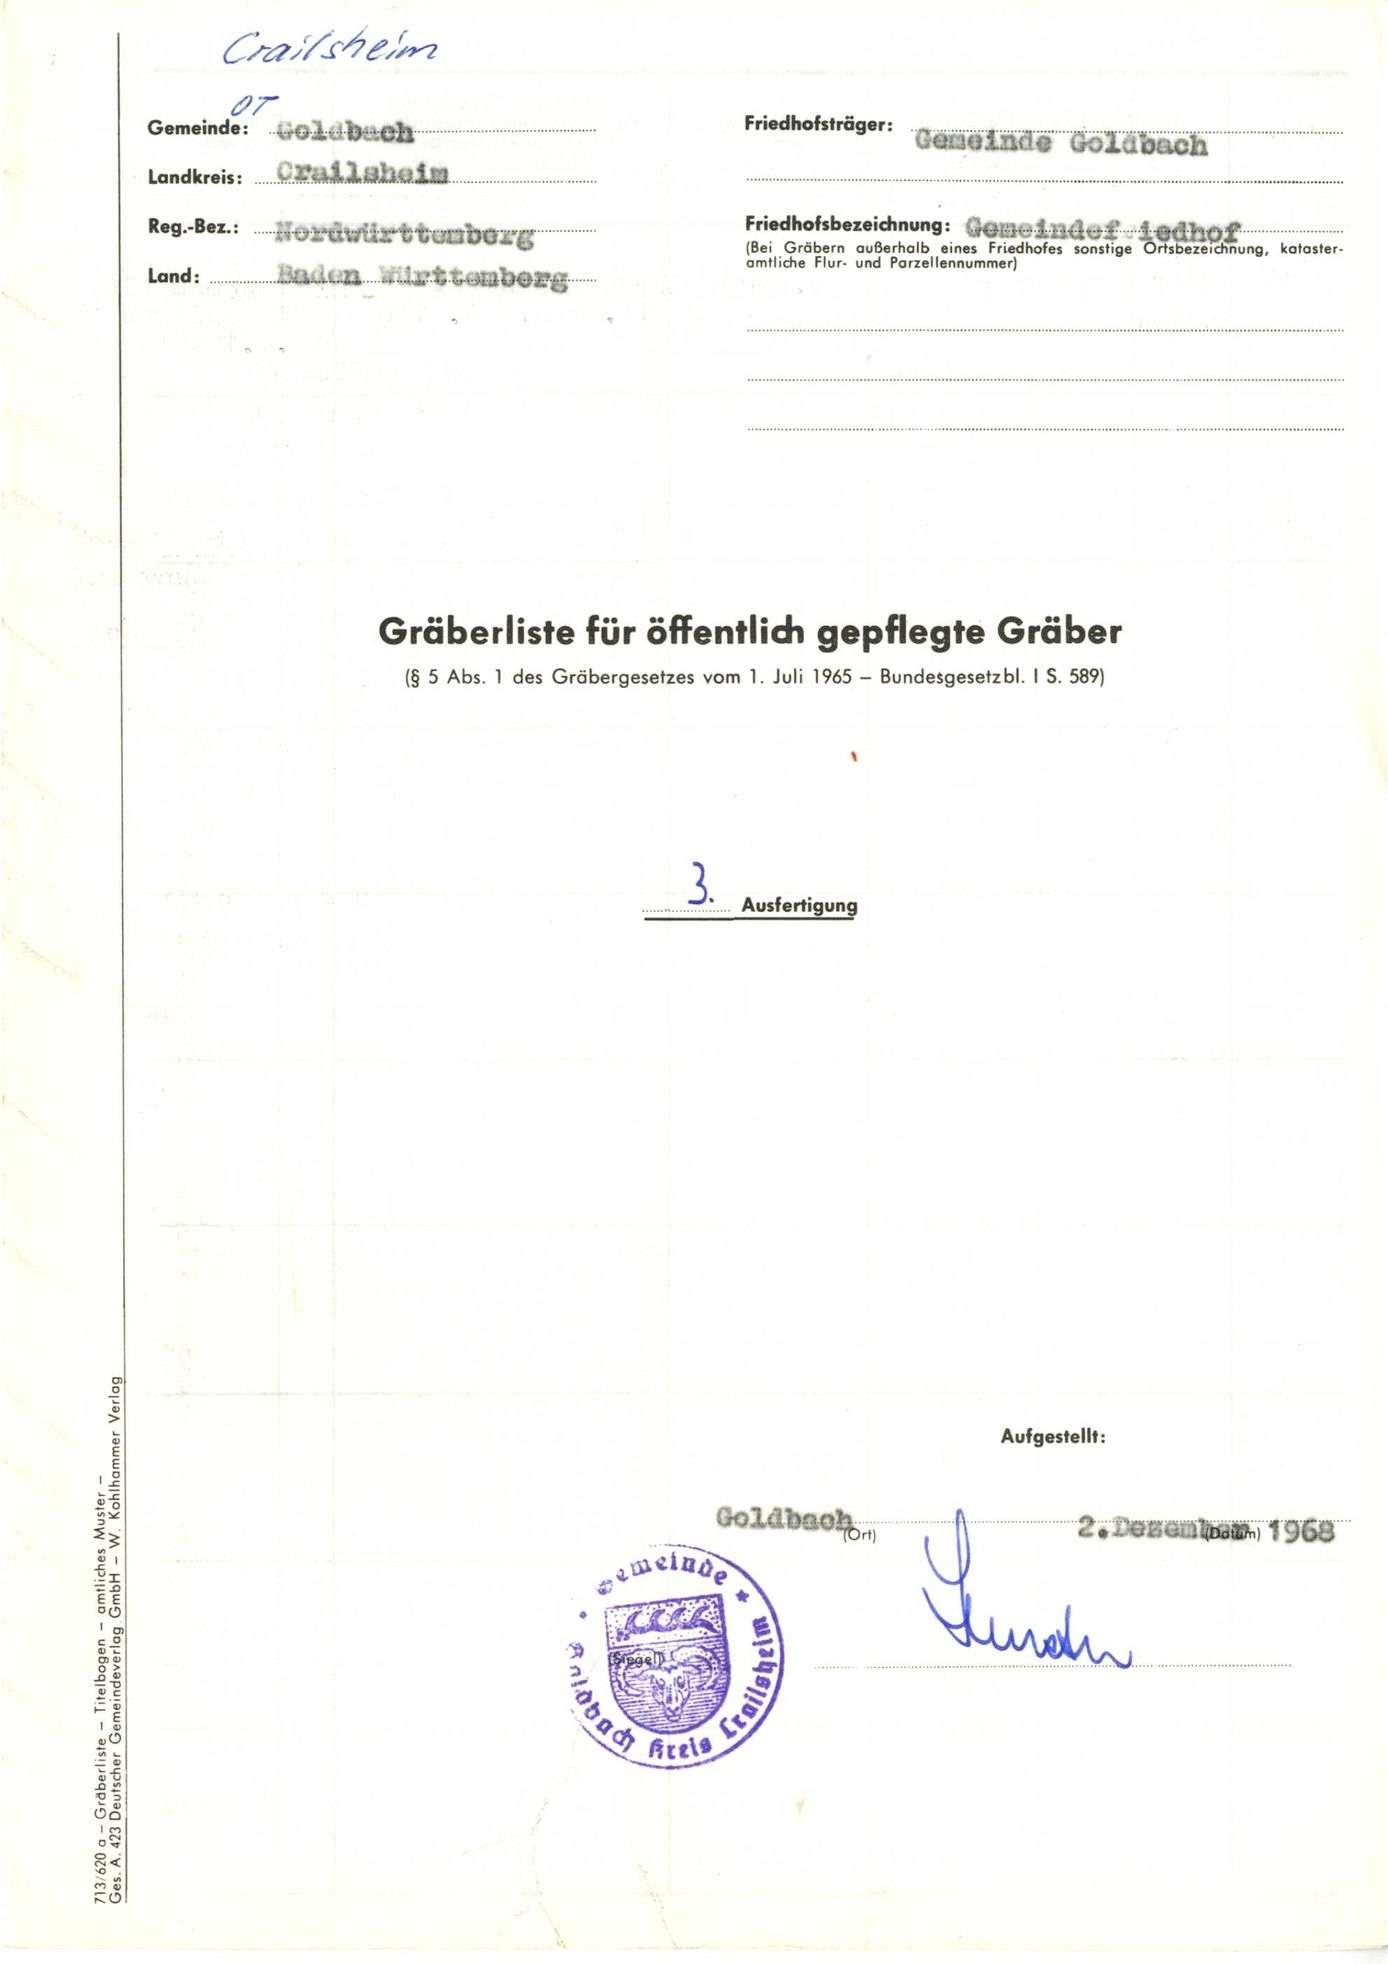 Goldbach, Bild 1